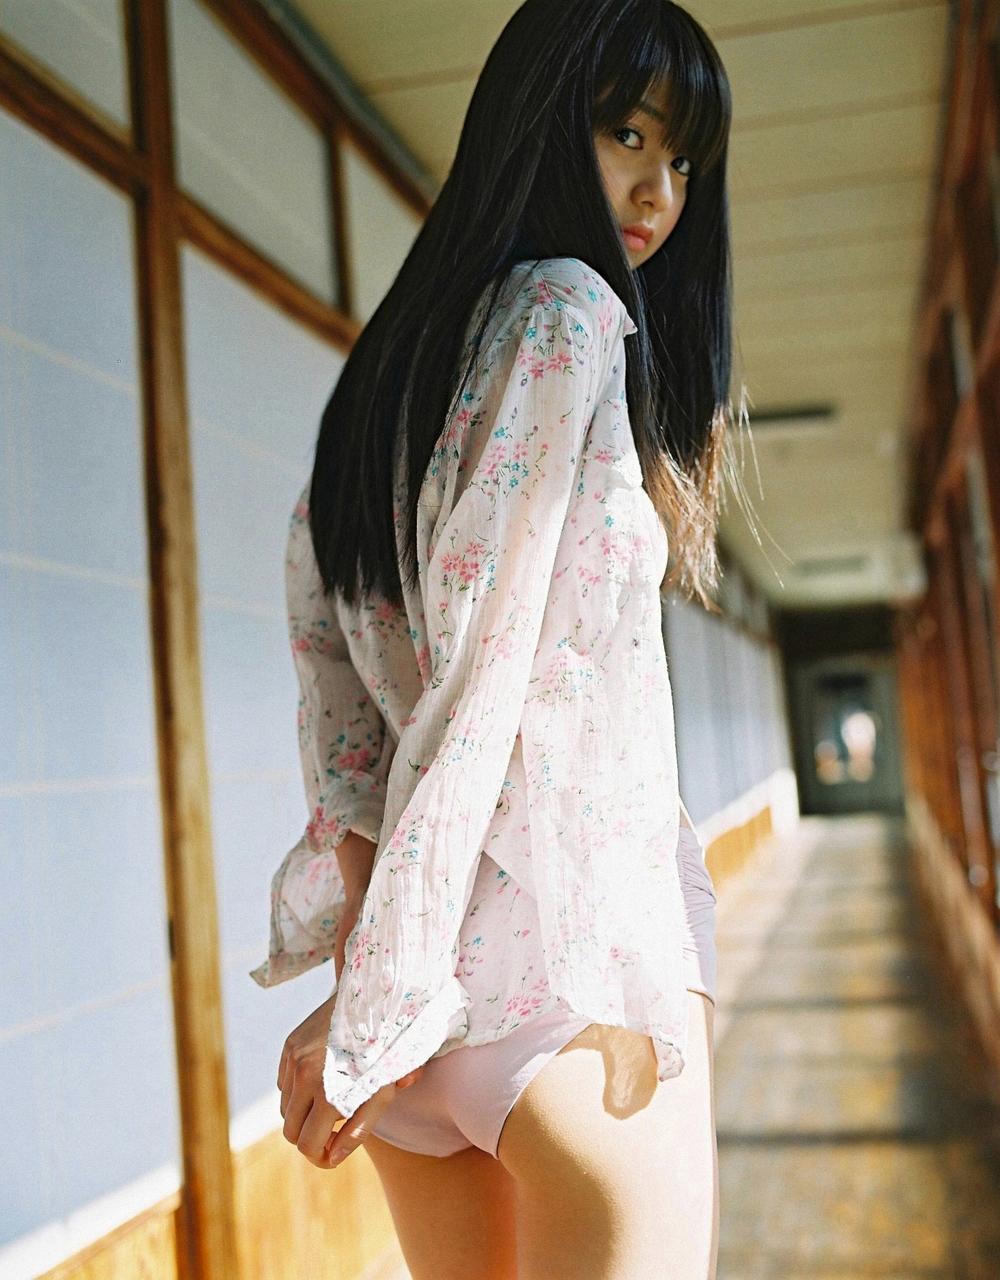 [WPB-net] Extra EX04 Rina Aizawa [36.1MB] - idols